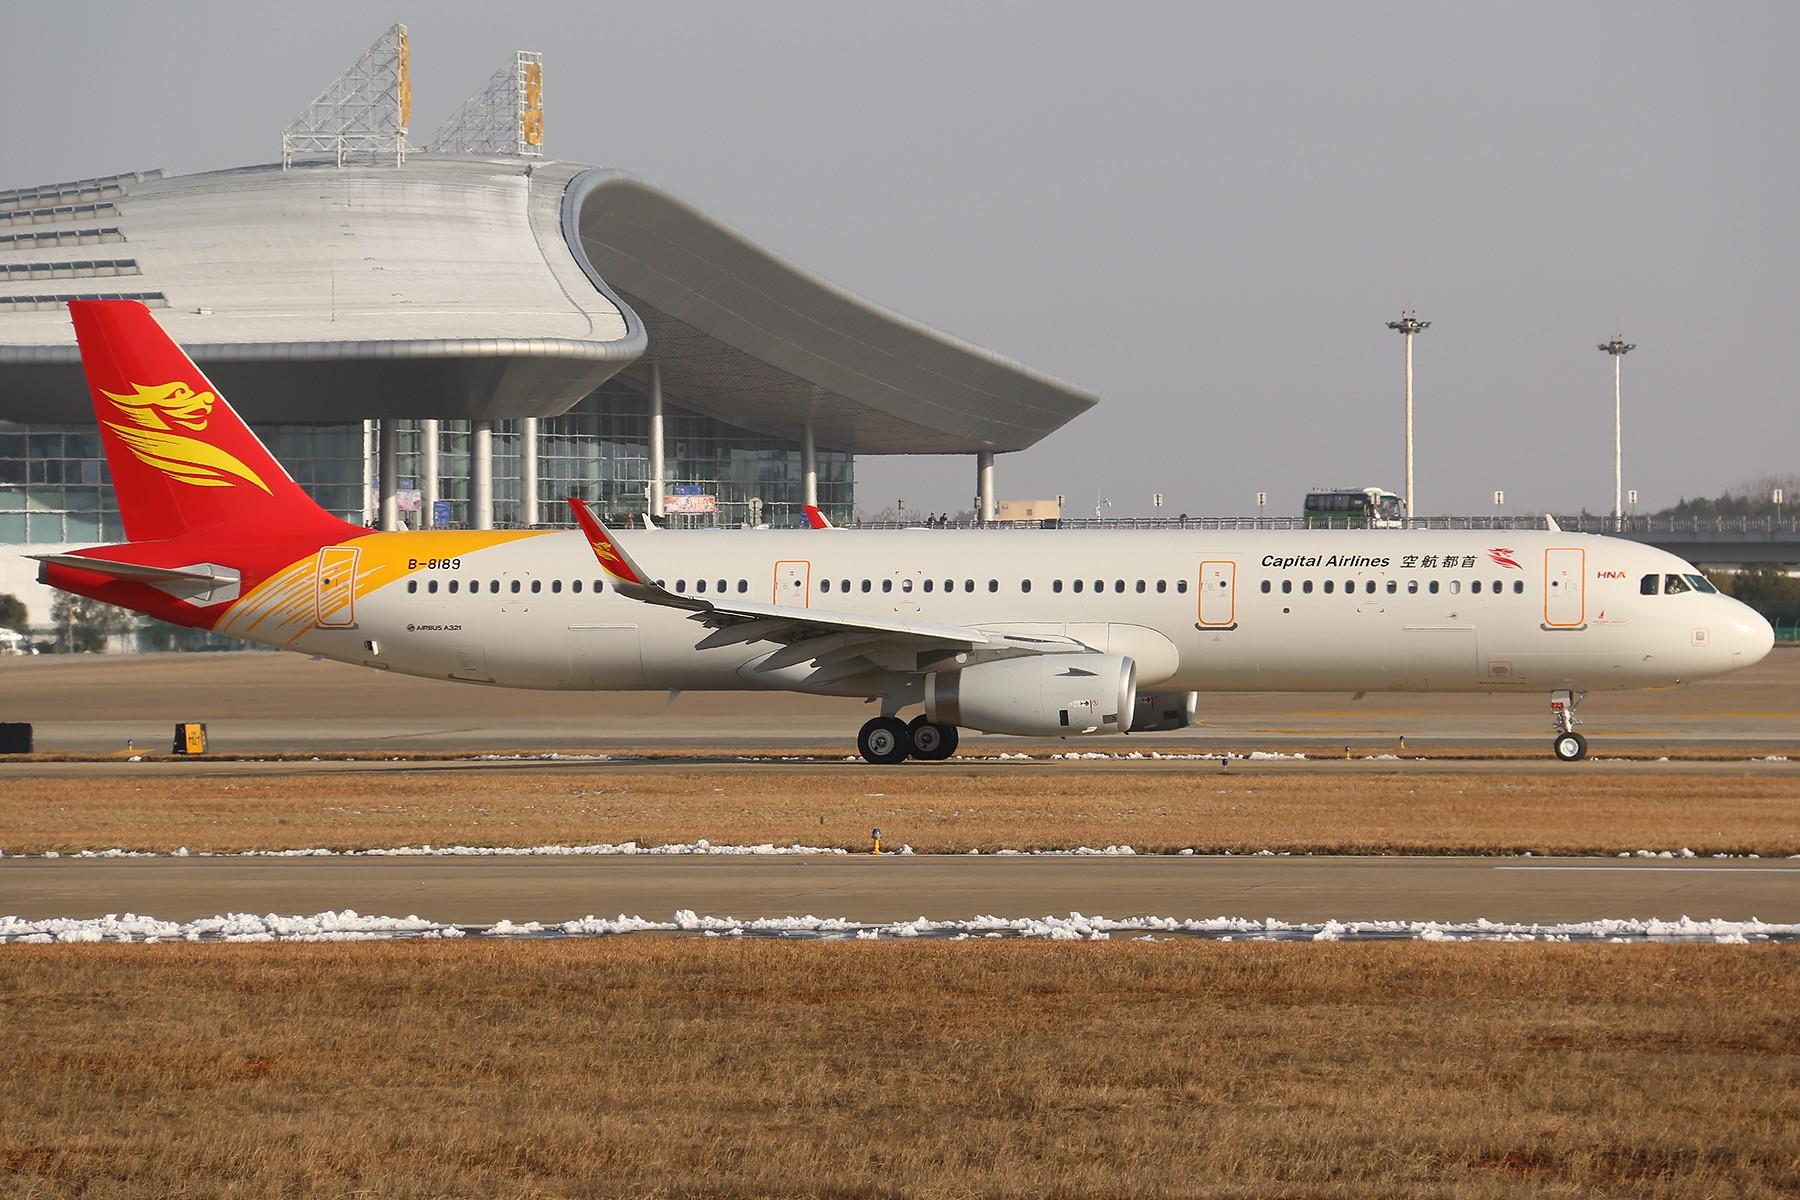 Re:【南昌飞友会】首都航空A321大长棍与昌北T2合照【冷+暖X2】【1800*1200高清大图】